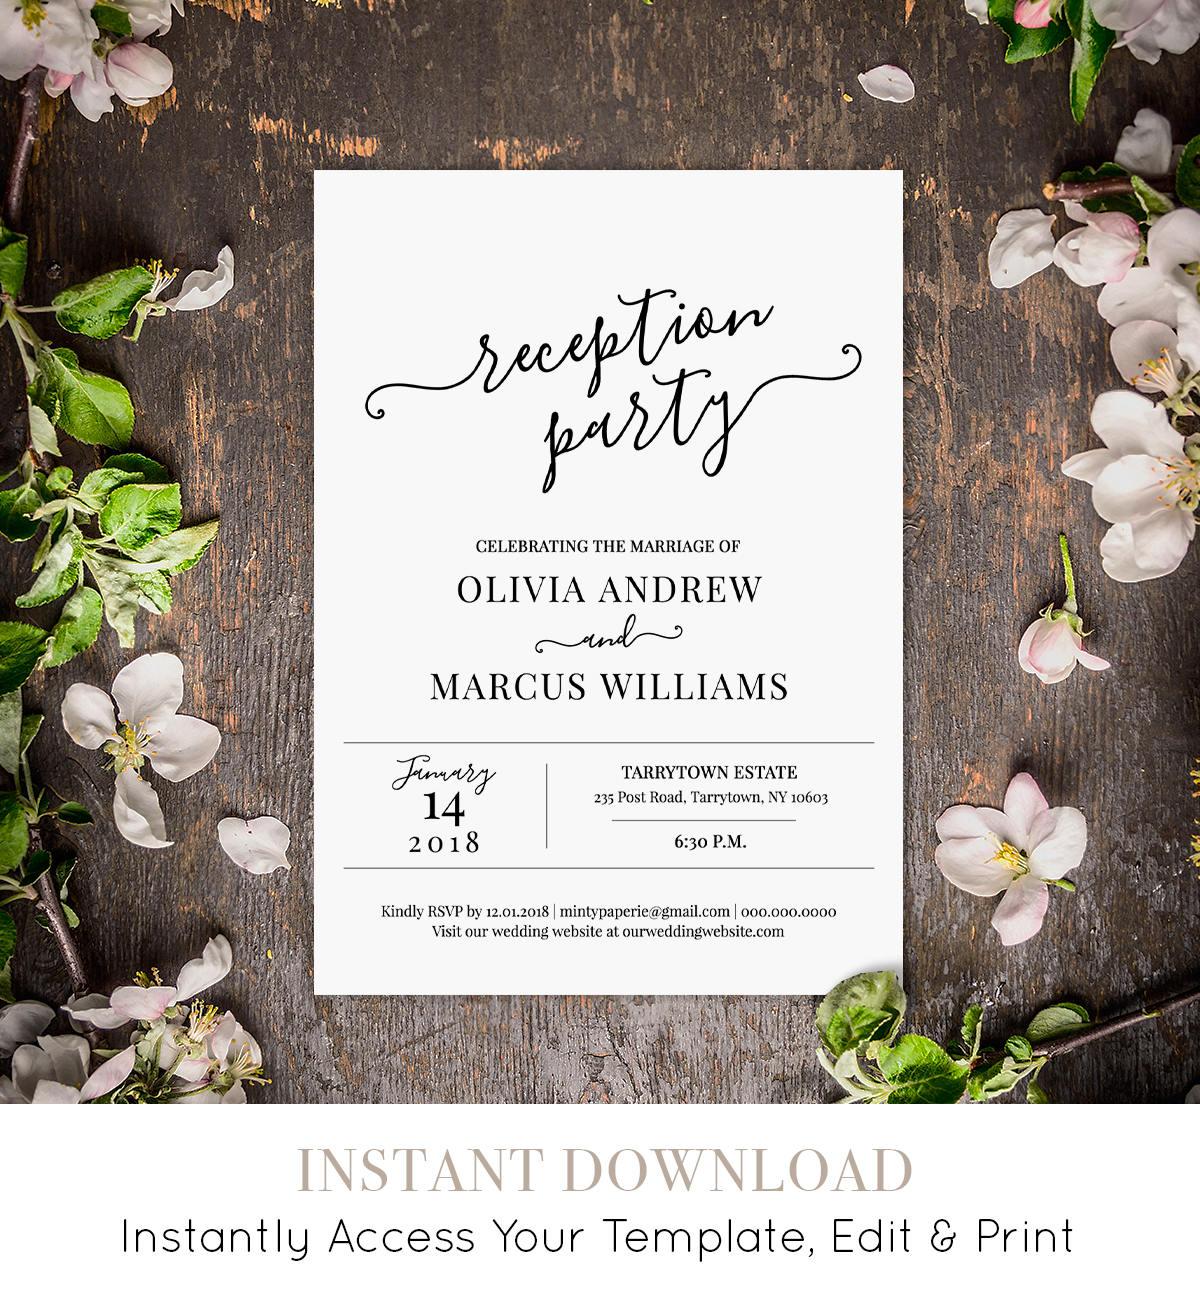 Wedding Reception Invitation, Reception Party Printable, Wedding ...